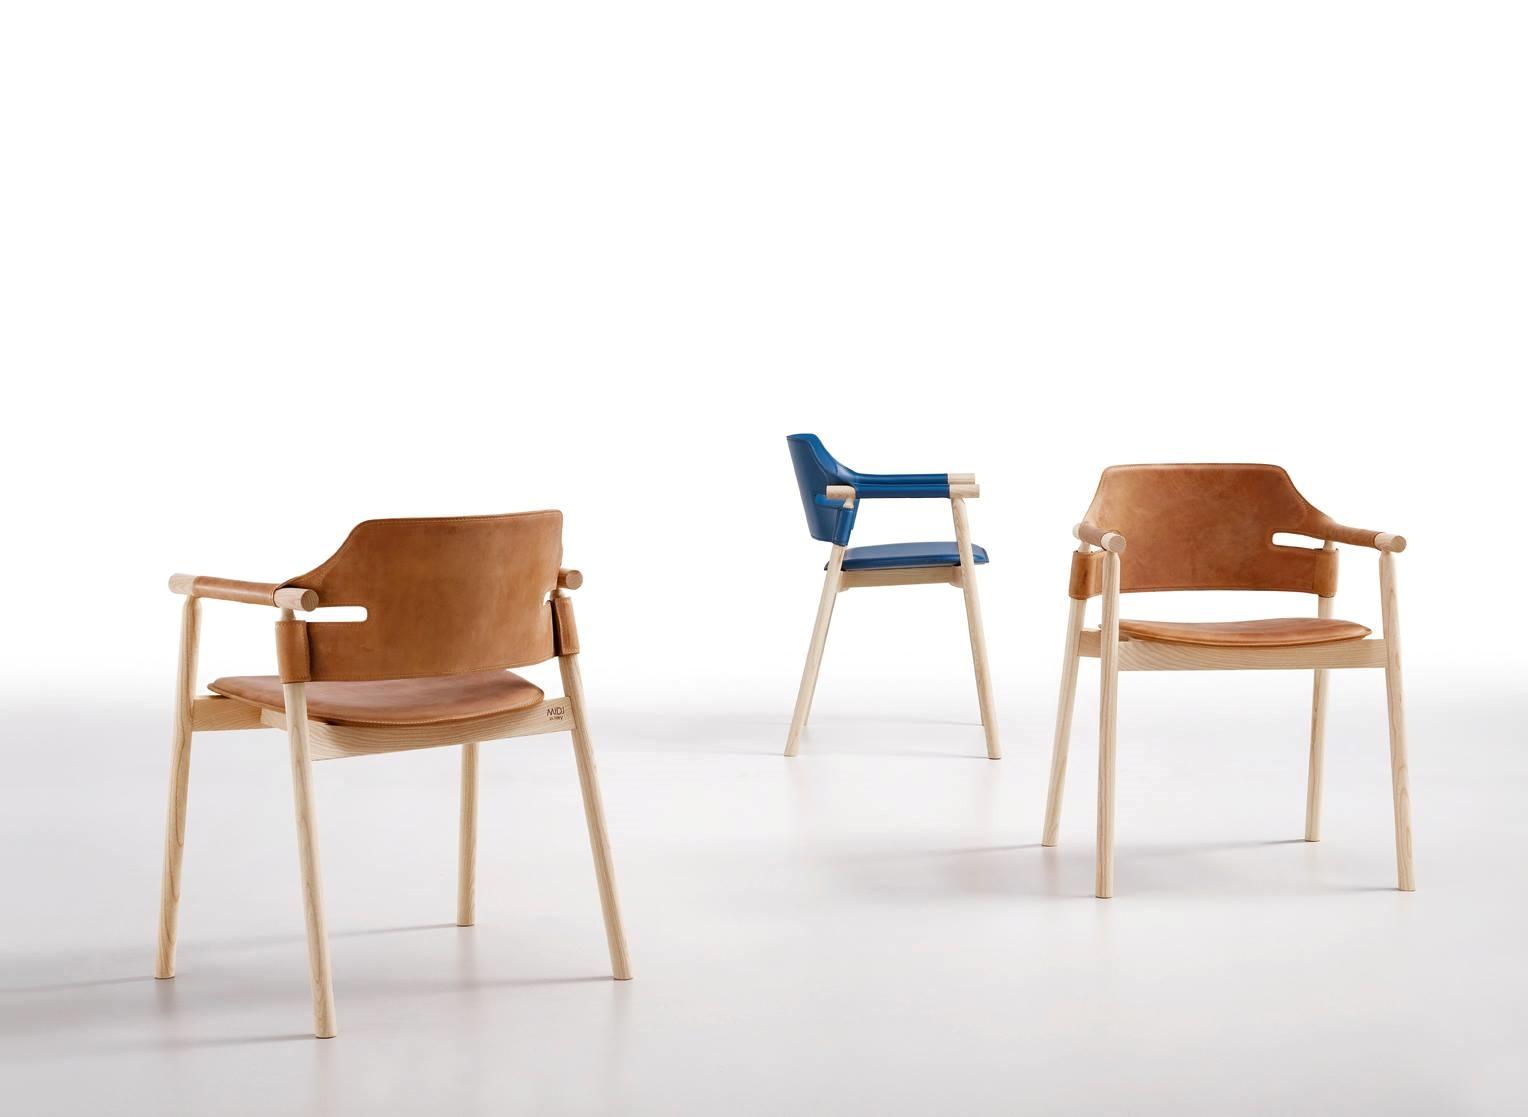 Sedia in cuoio toscano made in italy sedie a prezzi scontati for Sedie cuoio prezzi